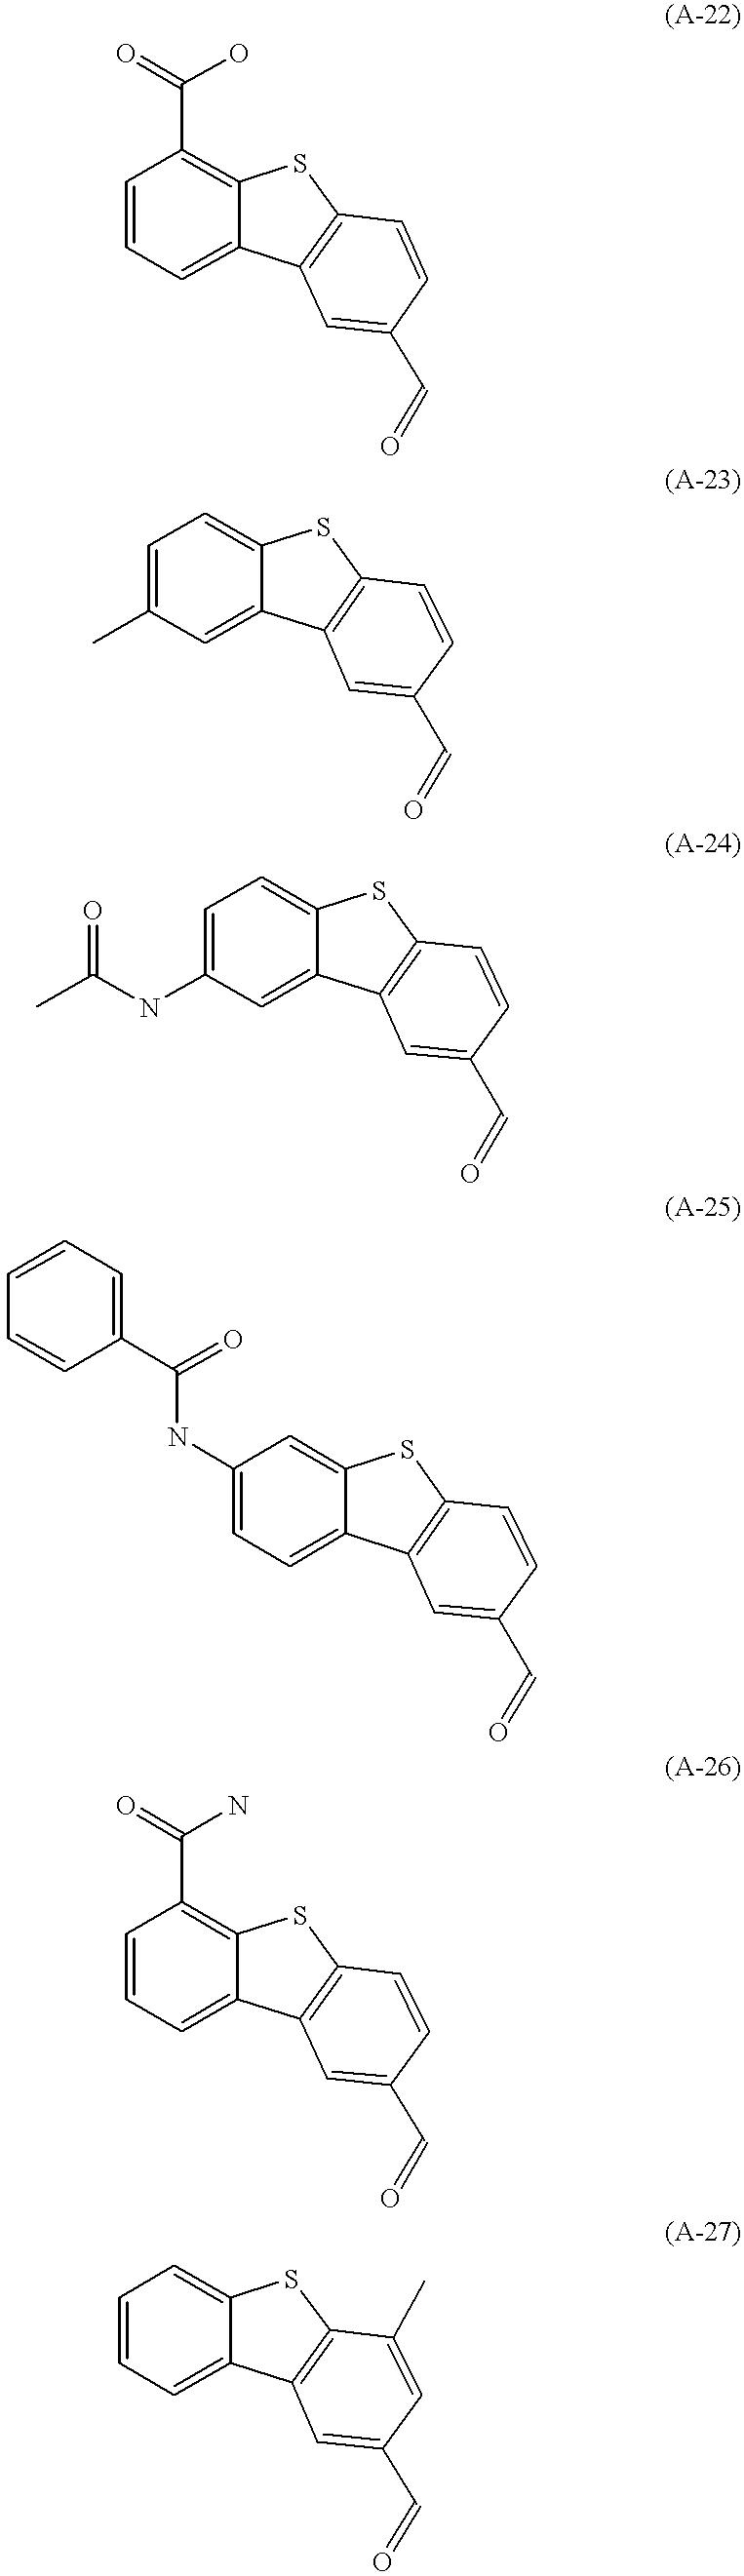 Figure US06514981-20030204-C00017